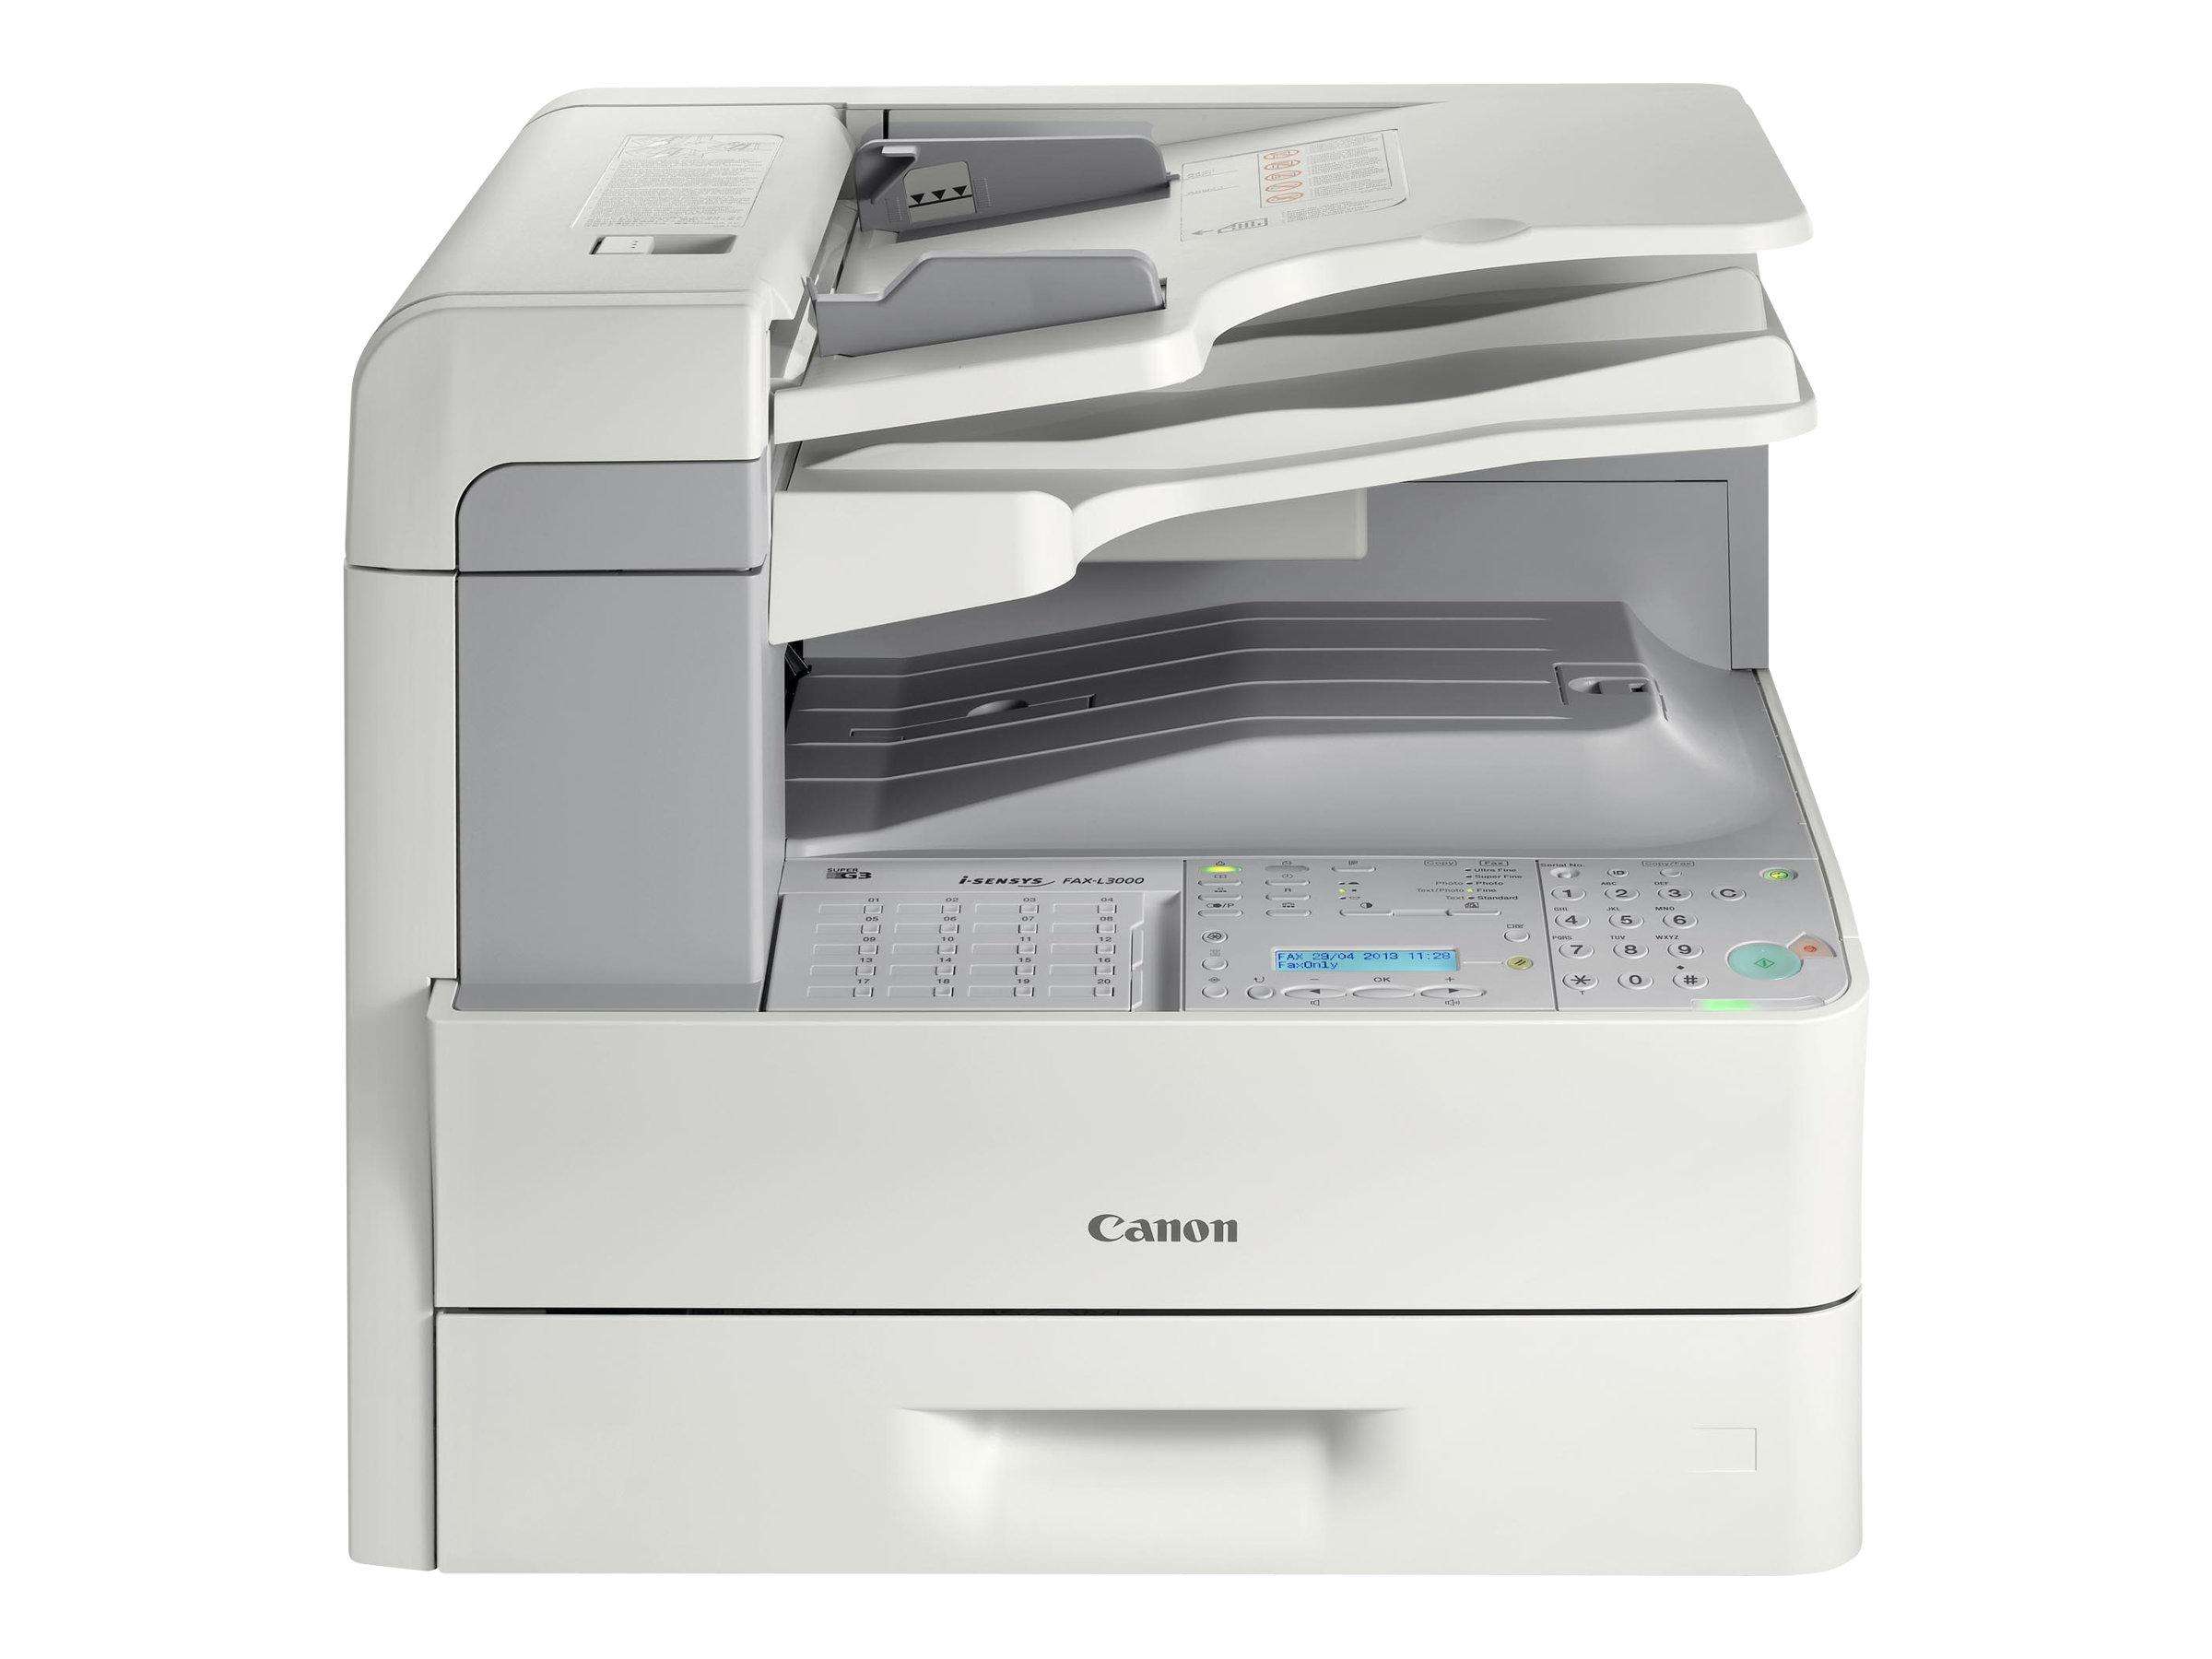 Canon i-SENSYS FAX-L3000 - Faxgerät / Kopierer - s/w - Laser - Legal (Medien) - bis zu 22 Seiten/Min. (Kopieren)